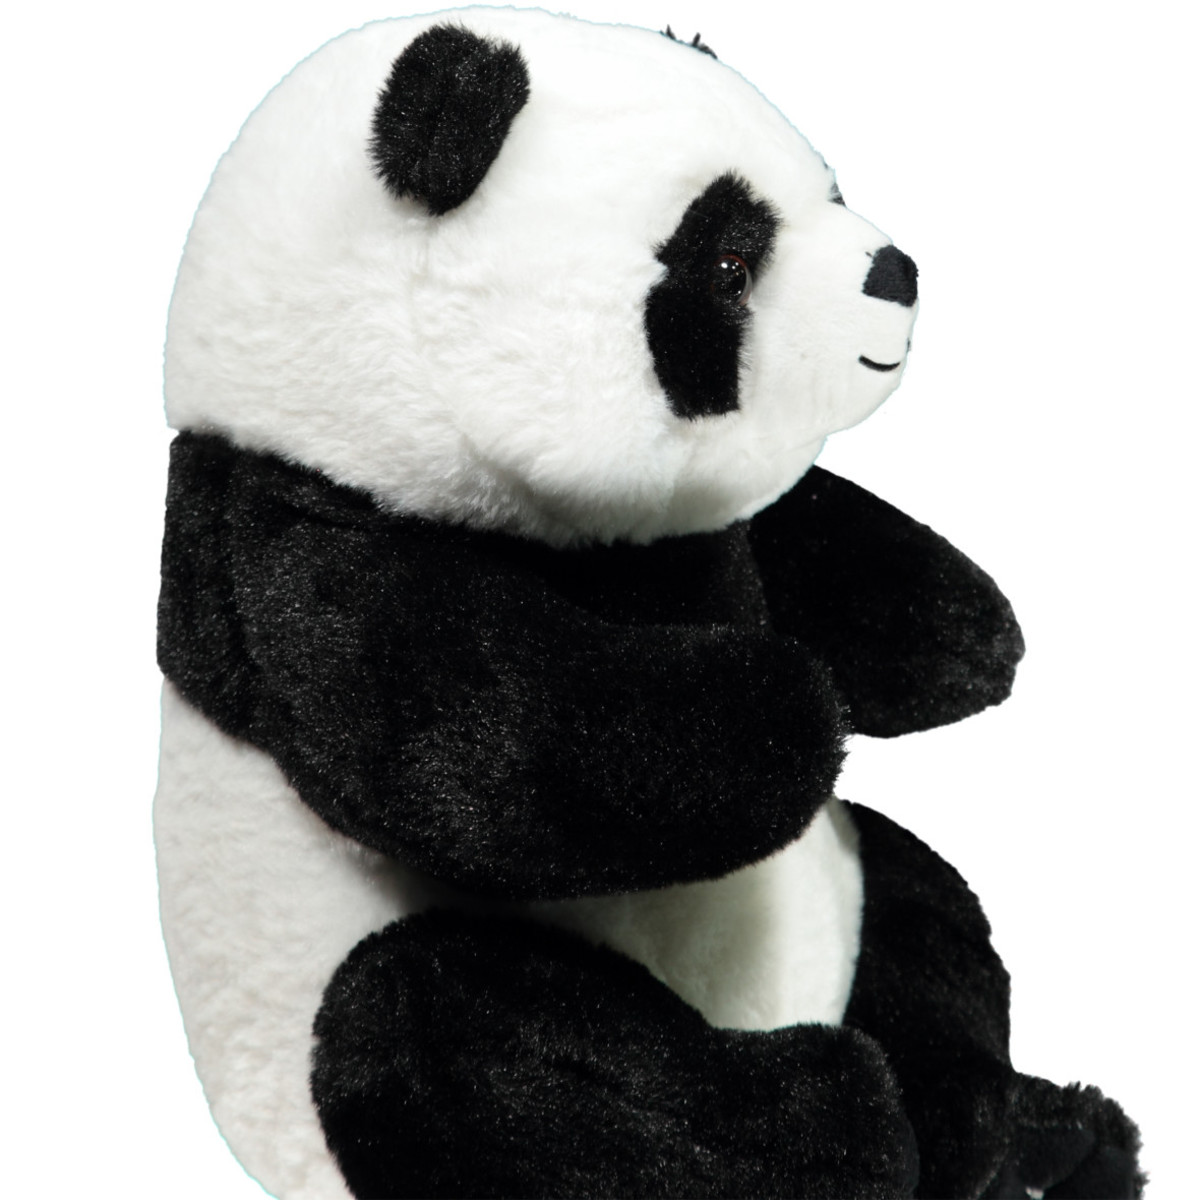 Bild 3 von Panda Bär aus weichem Plüsch 30cm hoch